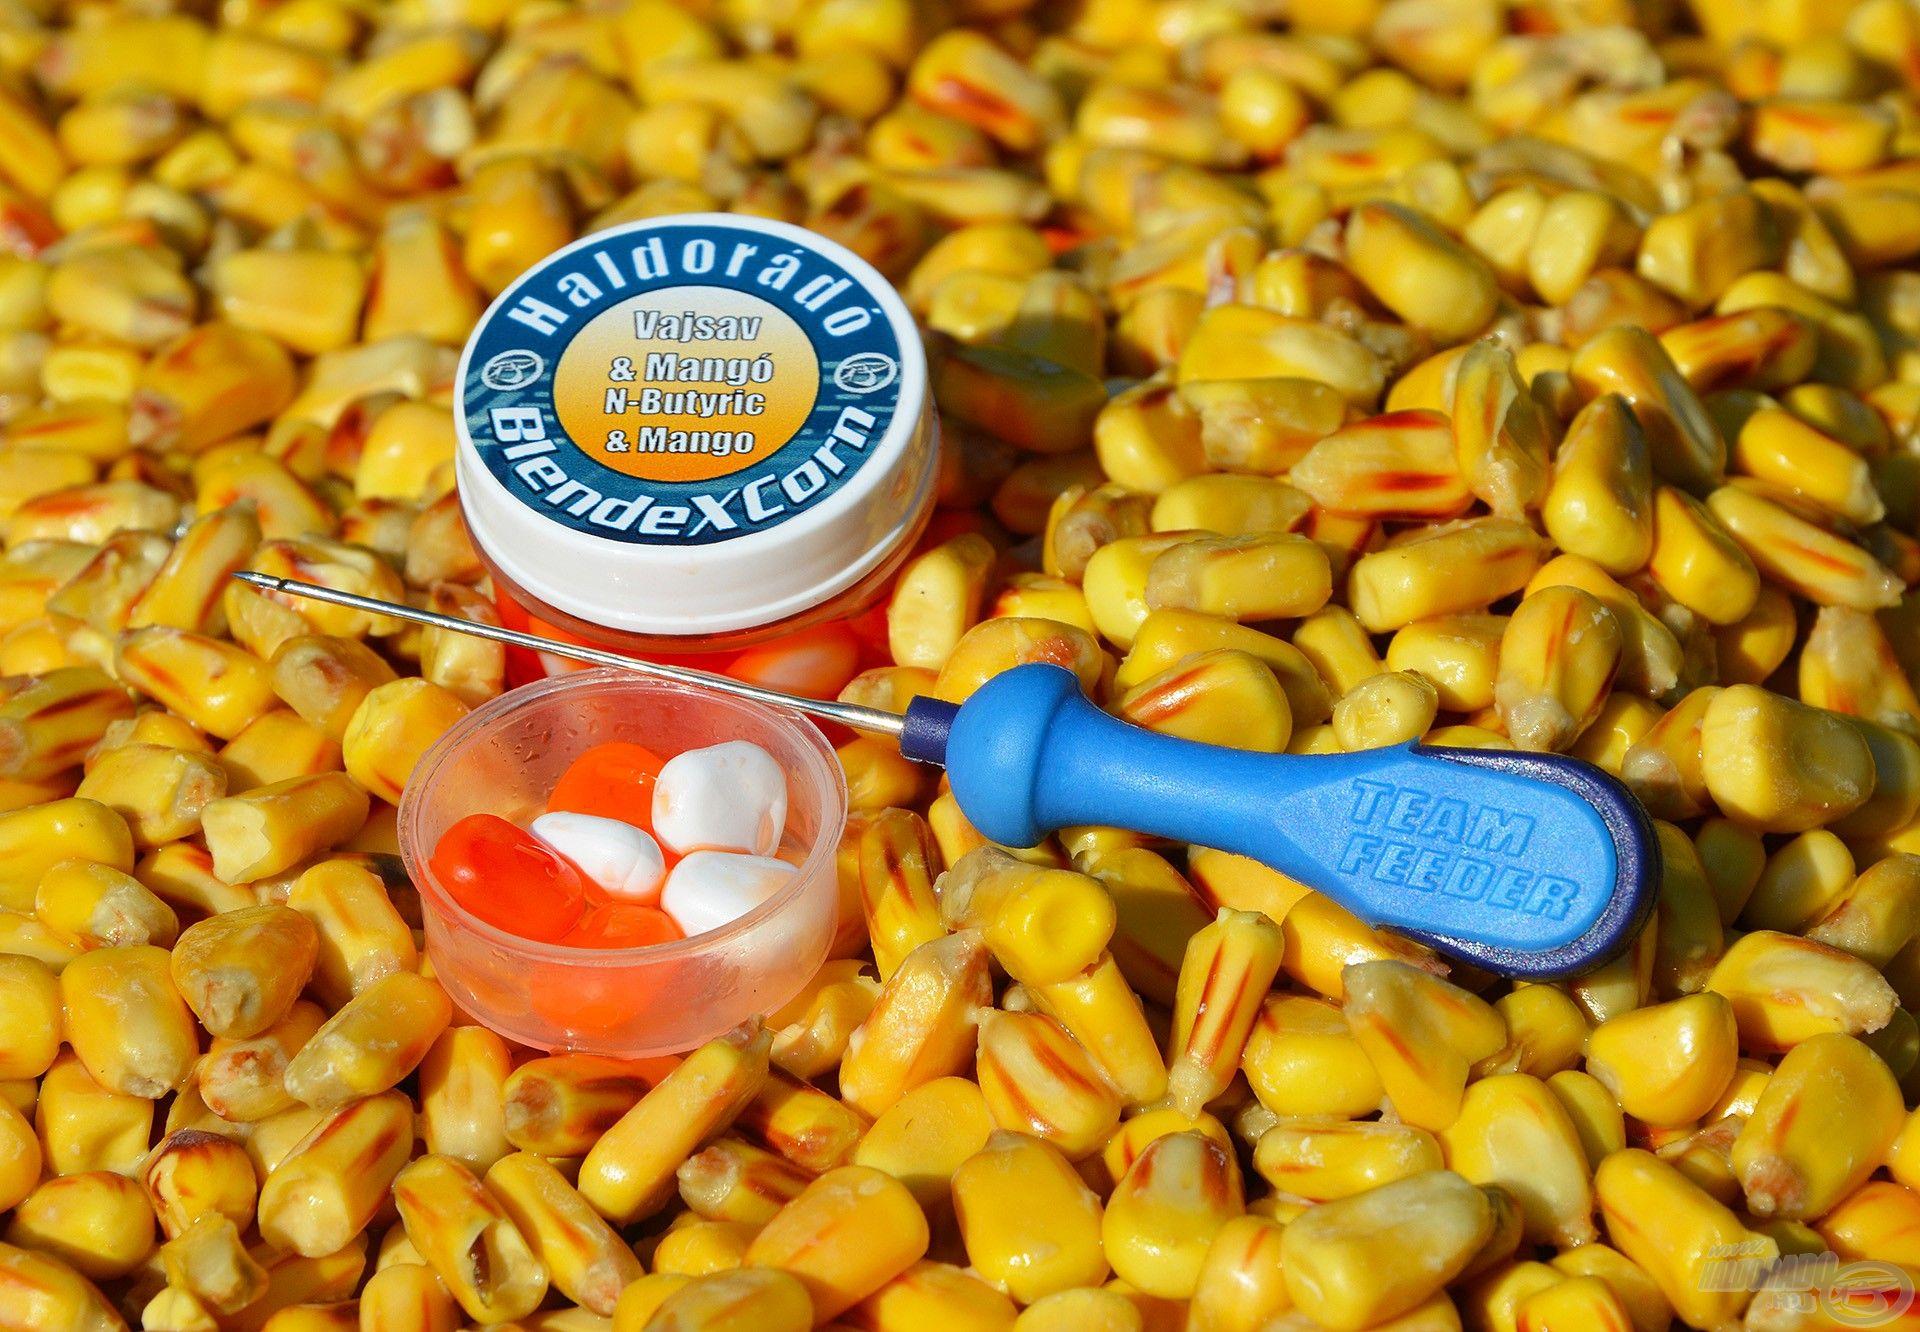 Ez az összeállítás nemcsak hatékony, hanem kifejezetten gazdaságos is, hiszen egy csomag tejsavas kukoricában rengeteg szem található, a Haldorádó BlendeXCorn pedig újra és újra felhasználható